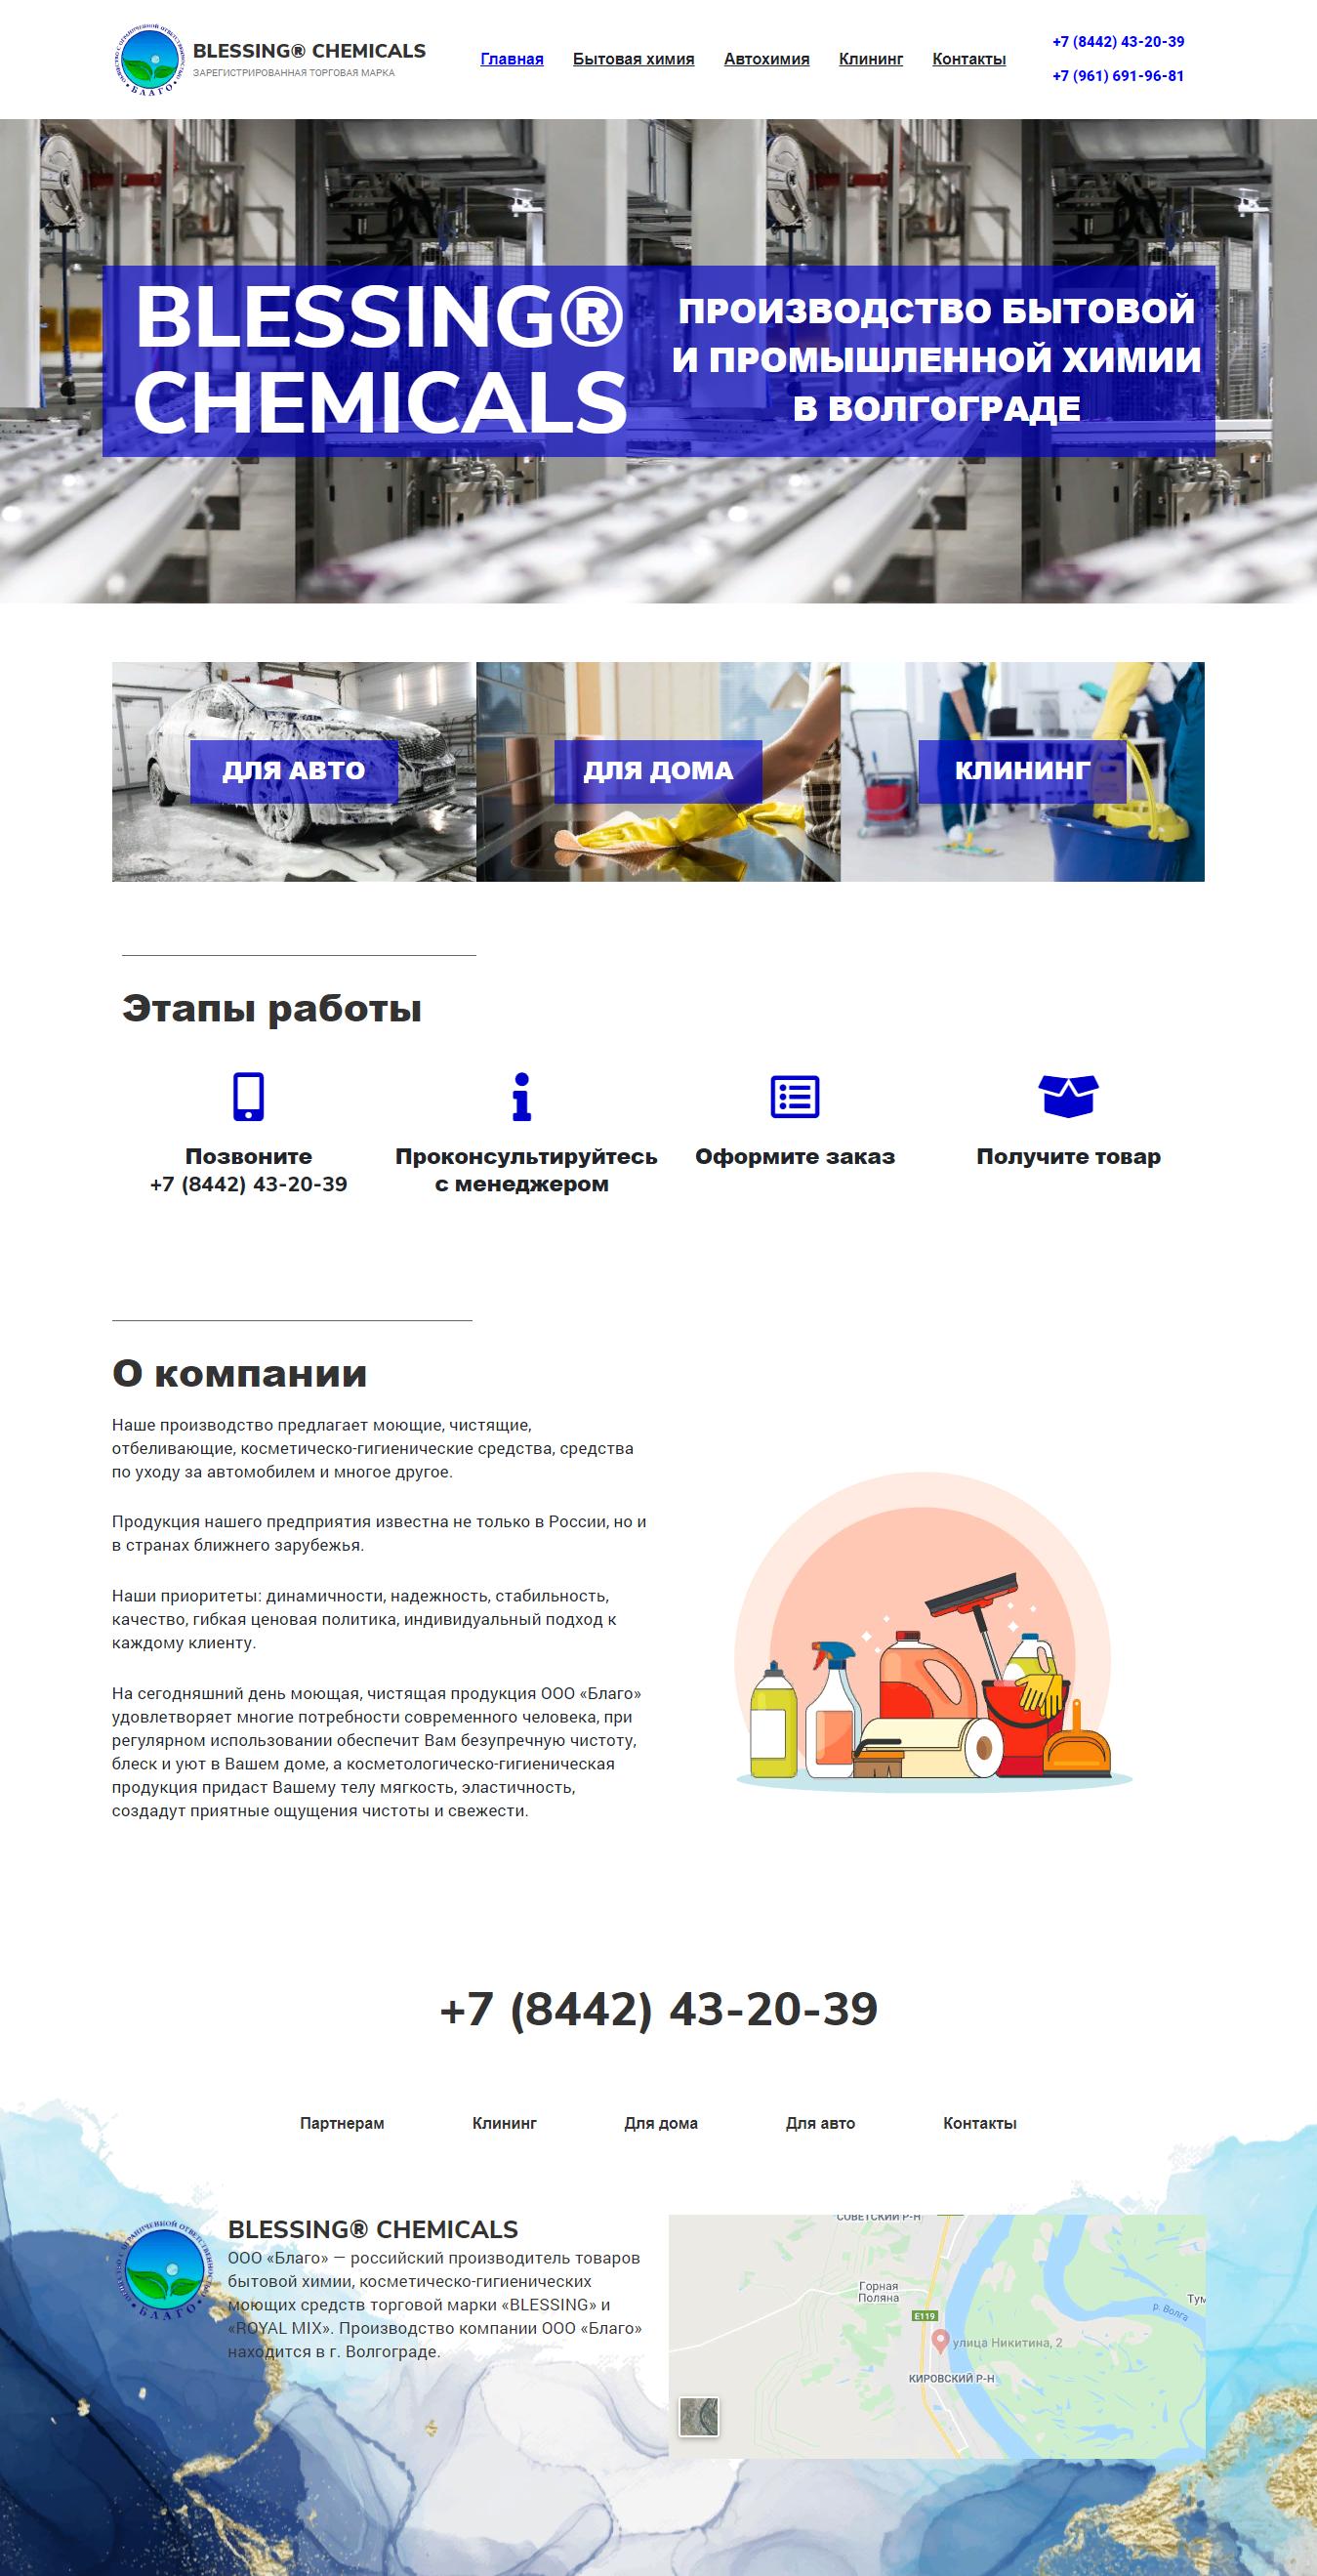 Главная производство бытовой и промышленной химии